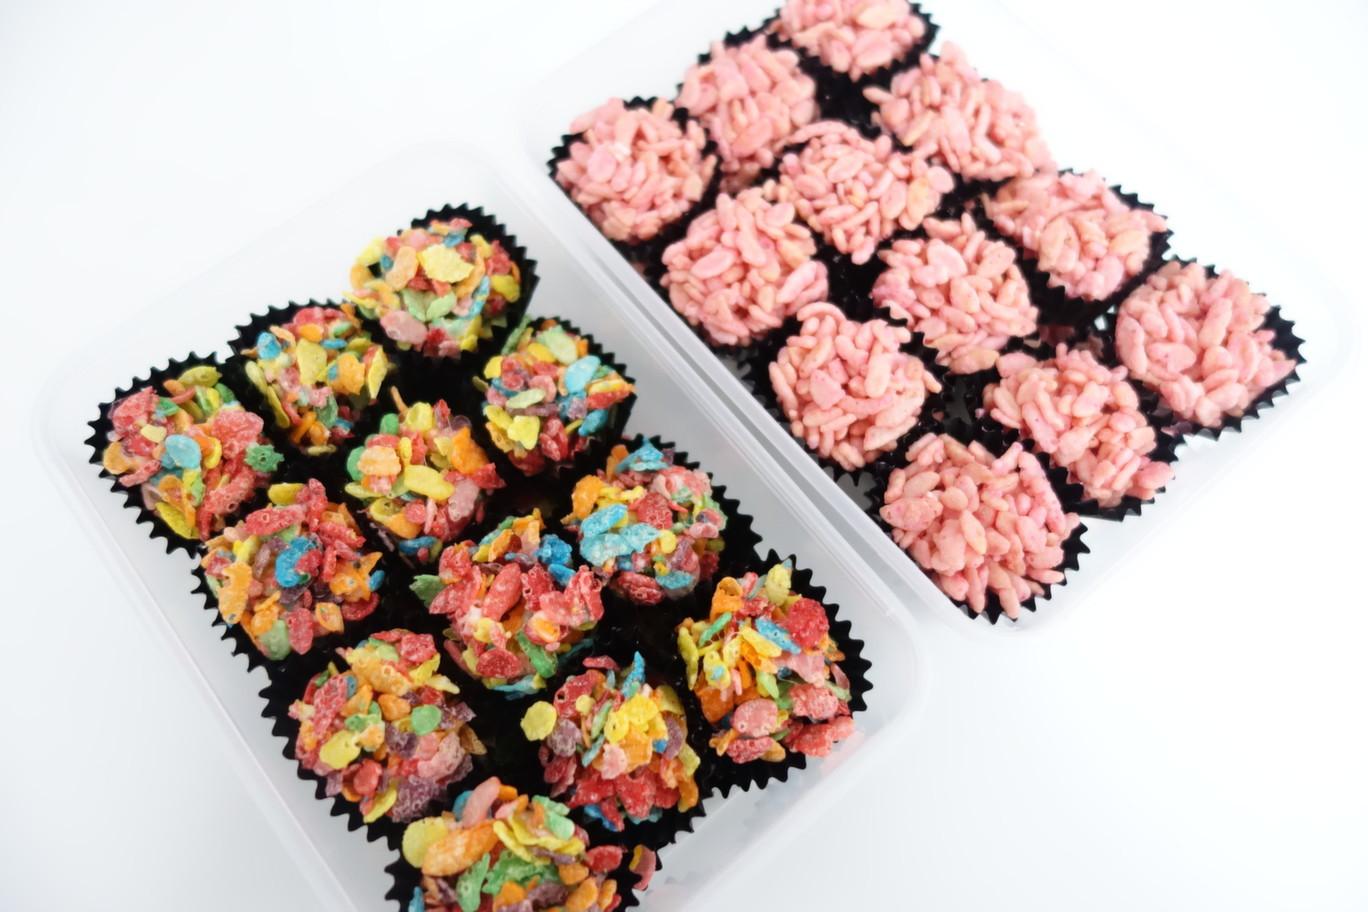 عمل حلويات بالفراولة - طريقة عمل حلويات بالفراولة والمارشميلو